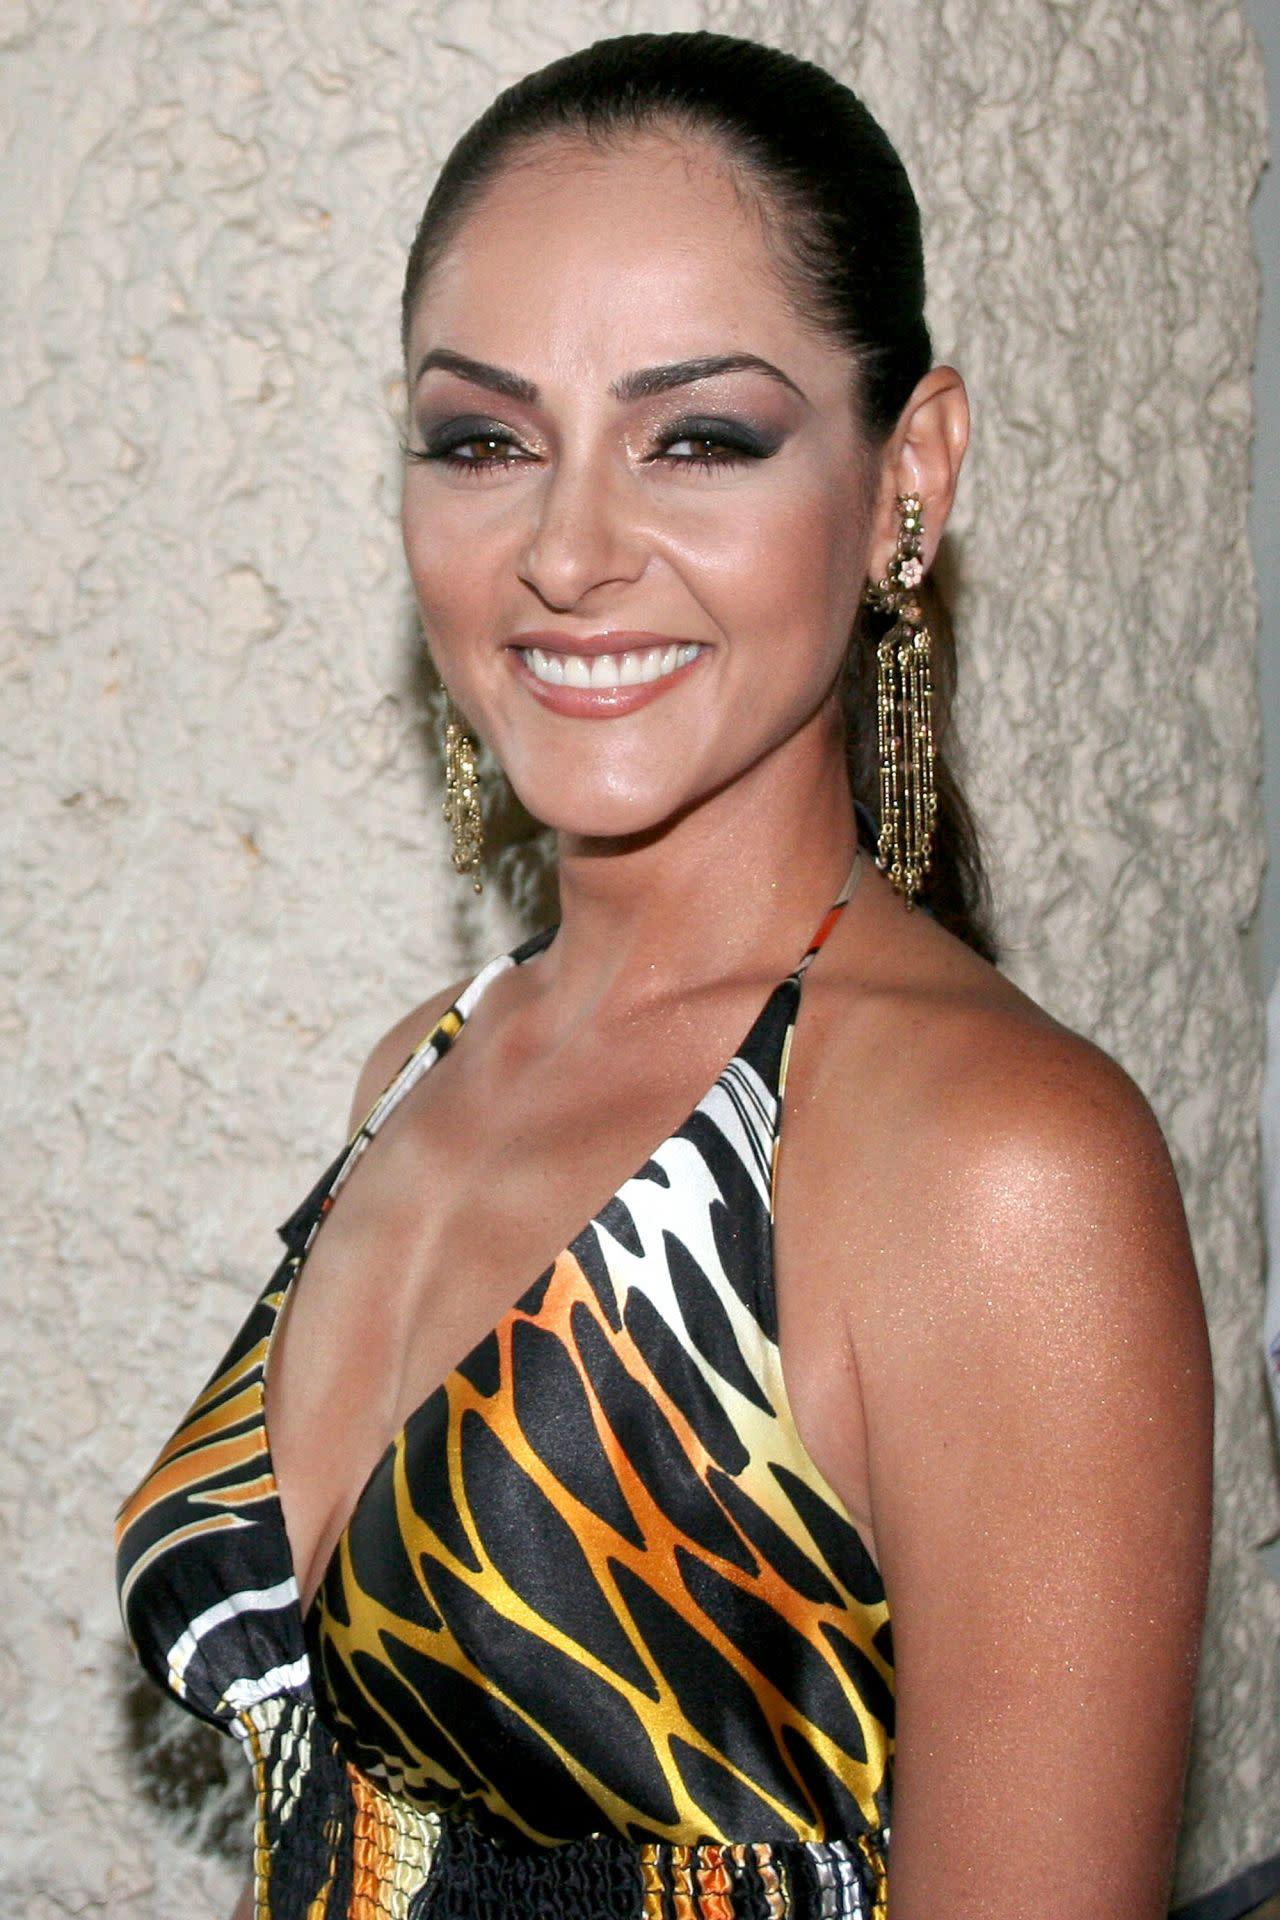 Andrea Garcia H Extremo andrea garcía posará nuevamente desnuda